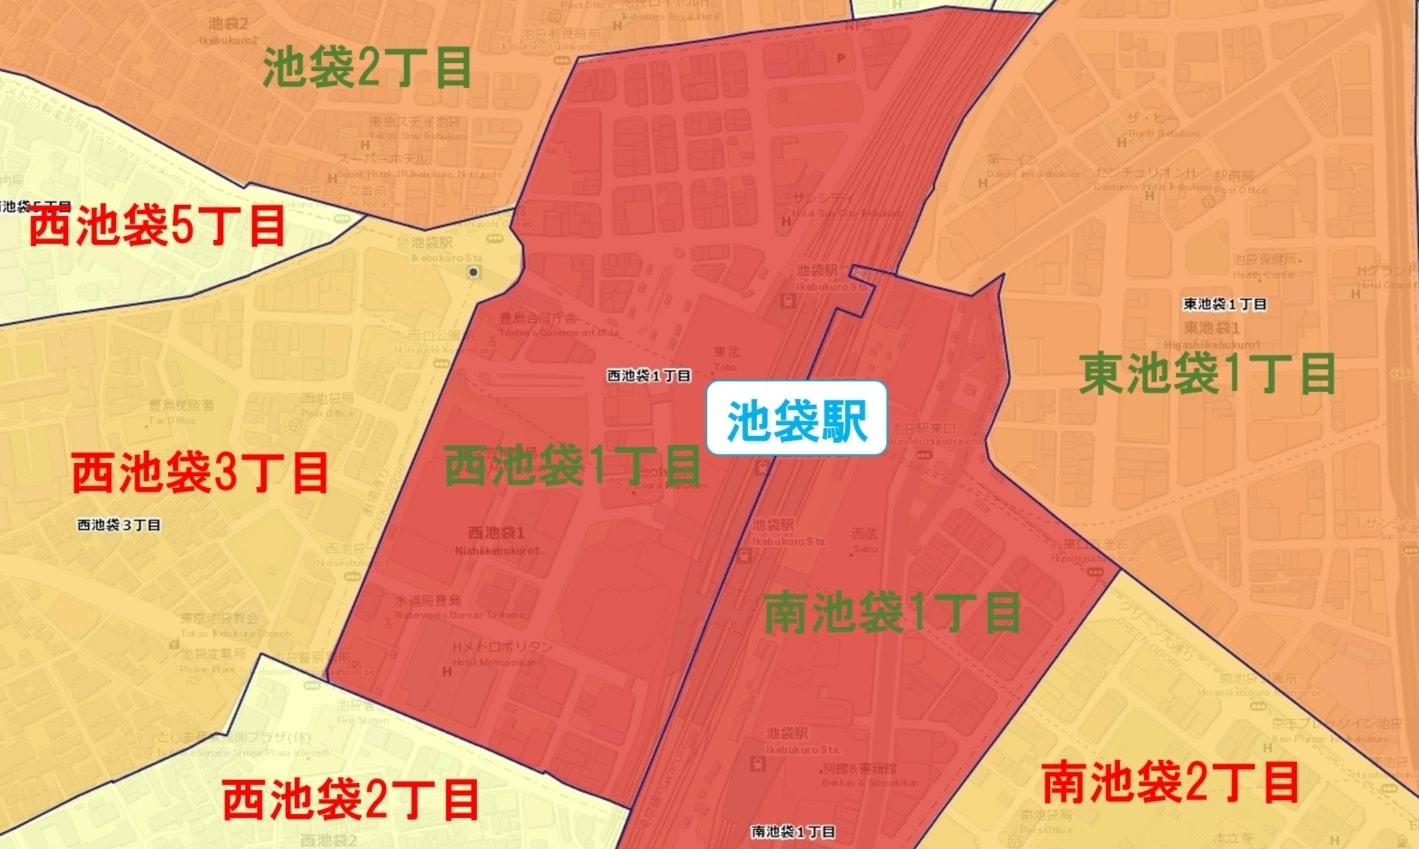 池袋駅周辺の粗暴犯の犯罪件数マップ